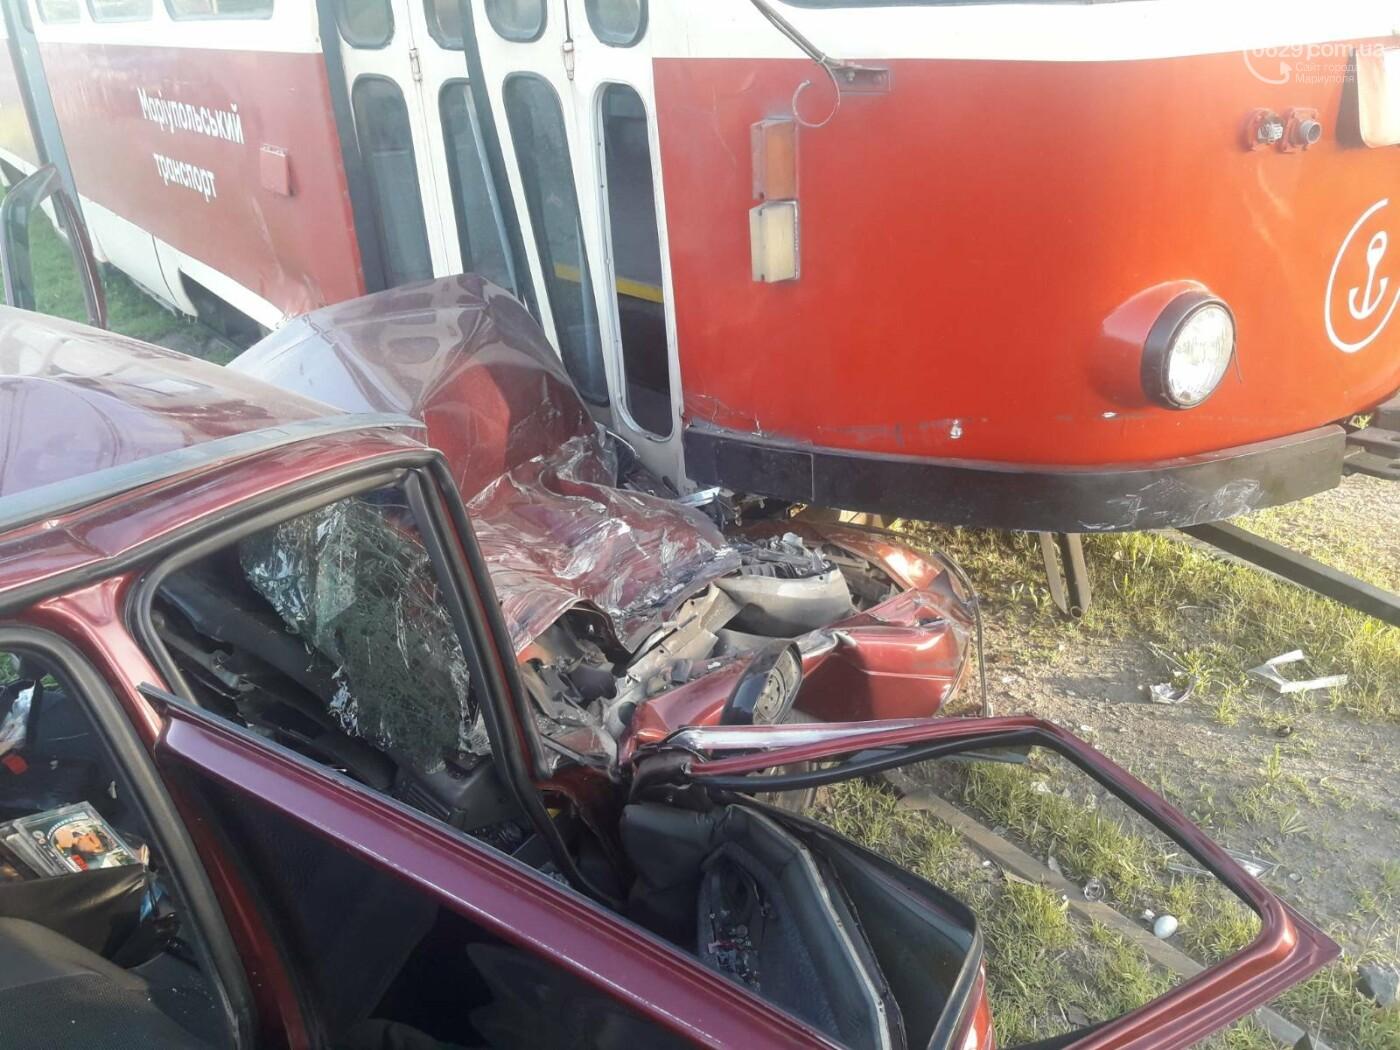 В Мариуполе Daewoo влетел в трамвай. Водитель легковушки серьезно пострадал, - ФОТО, фото-2